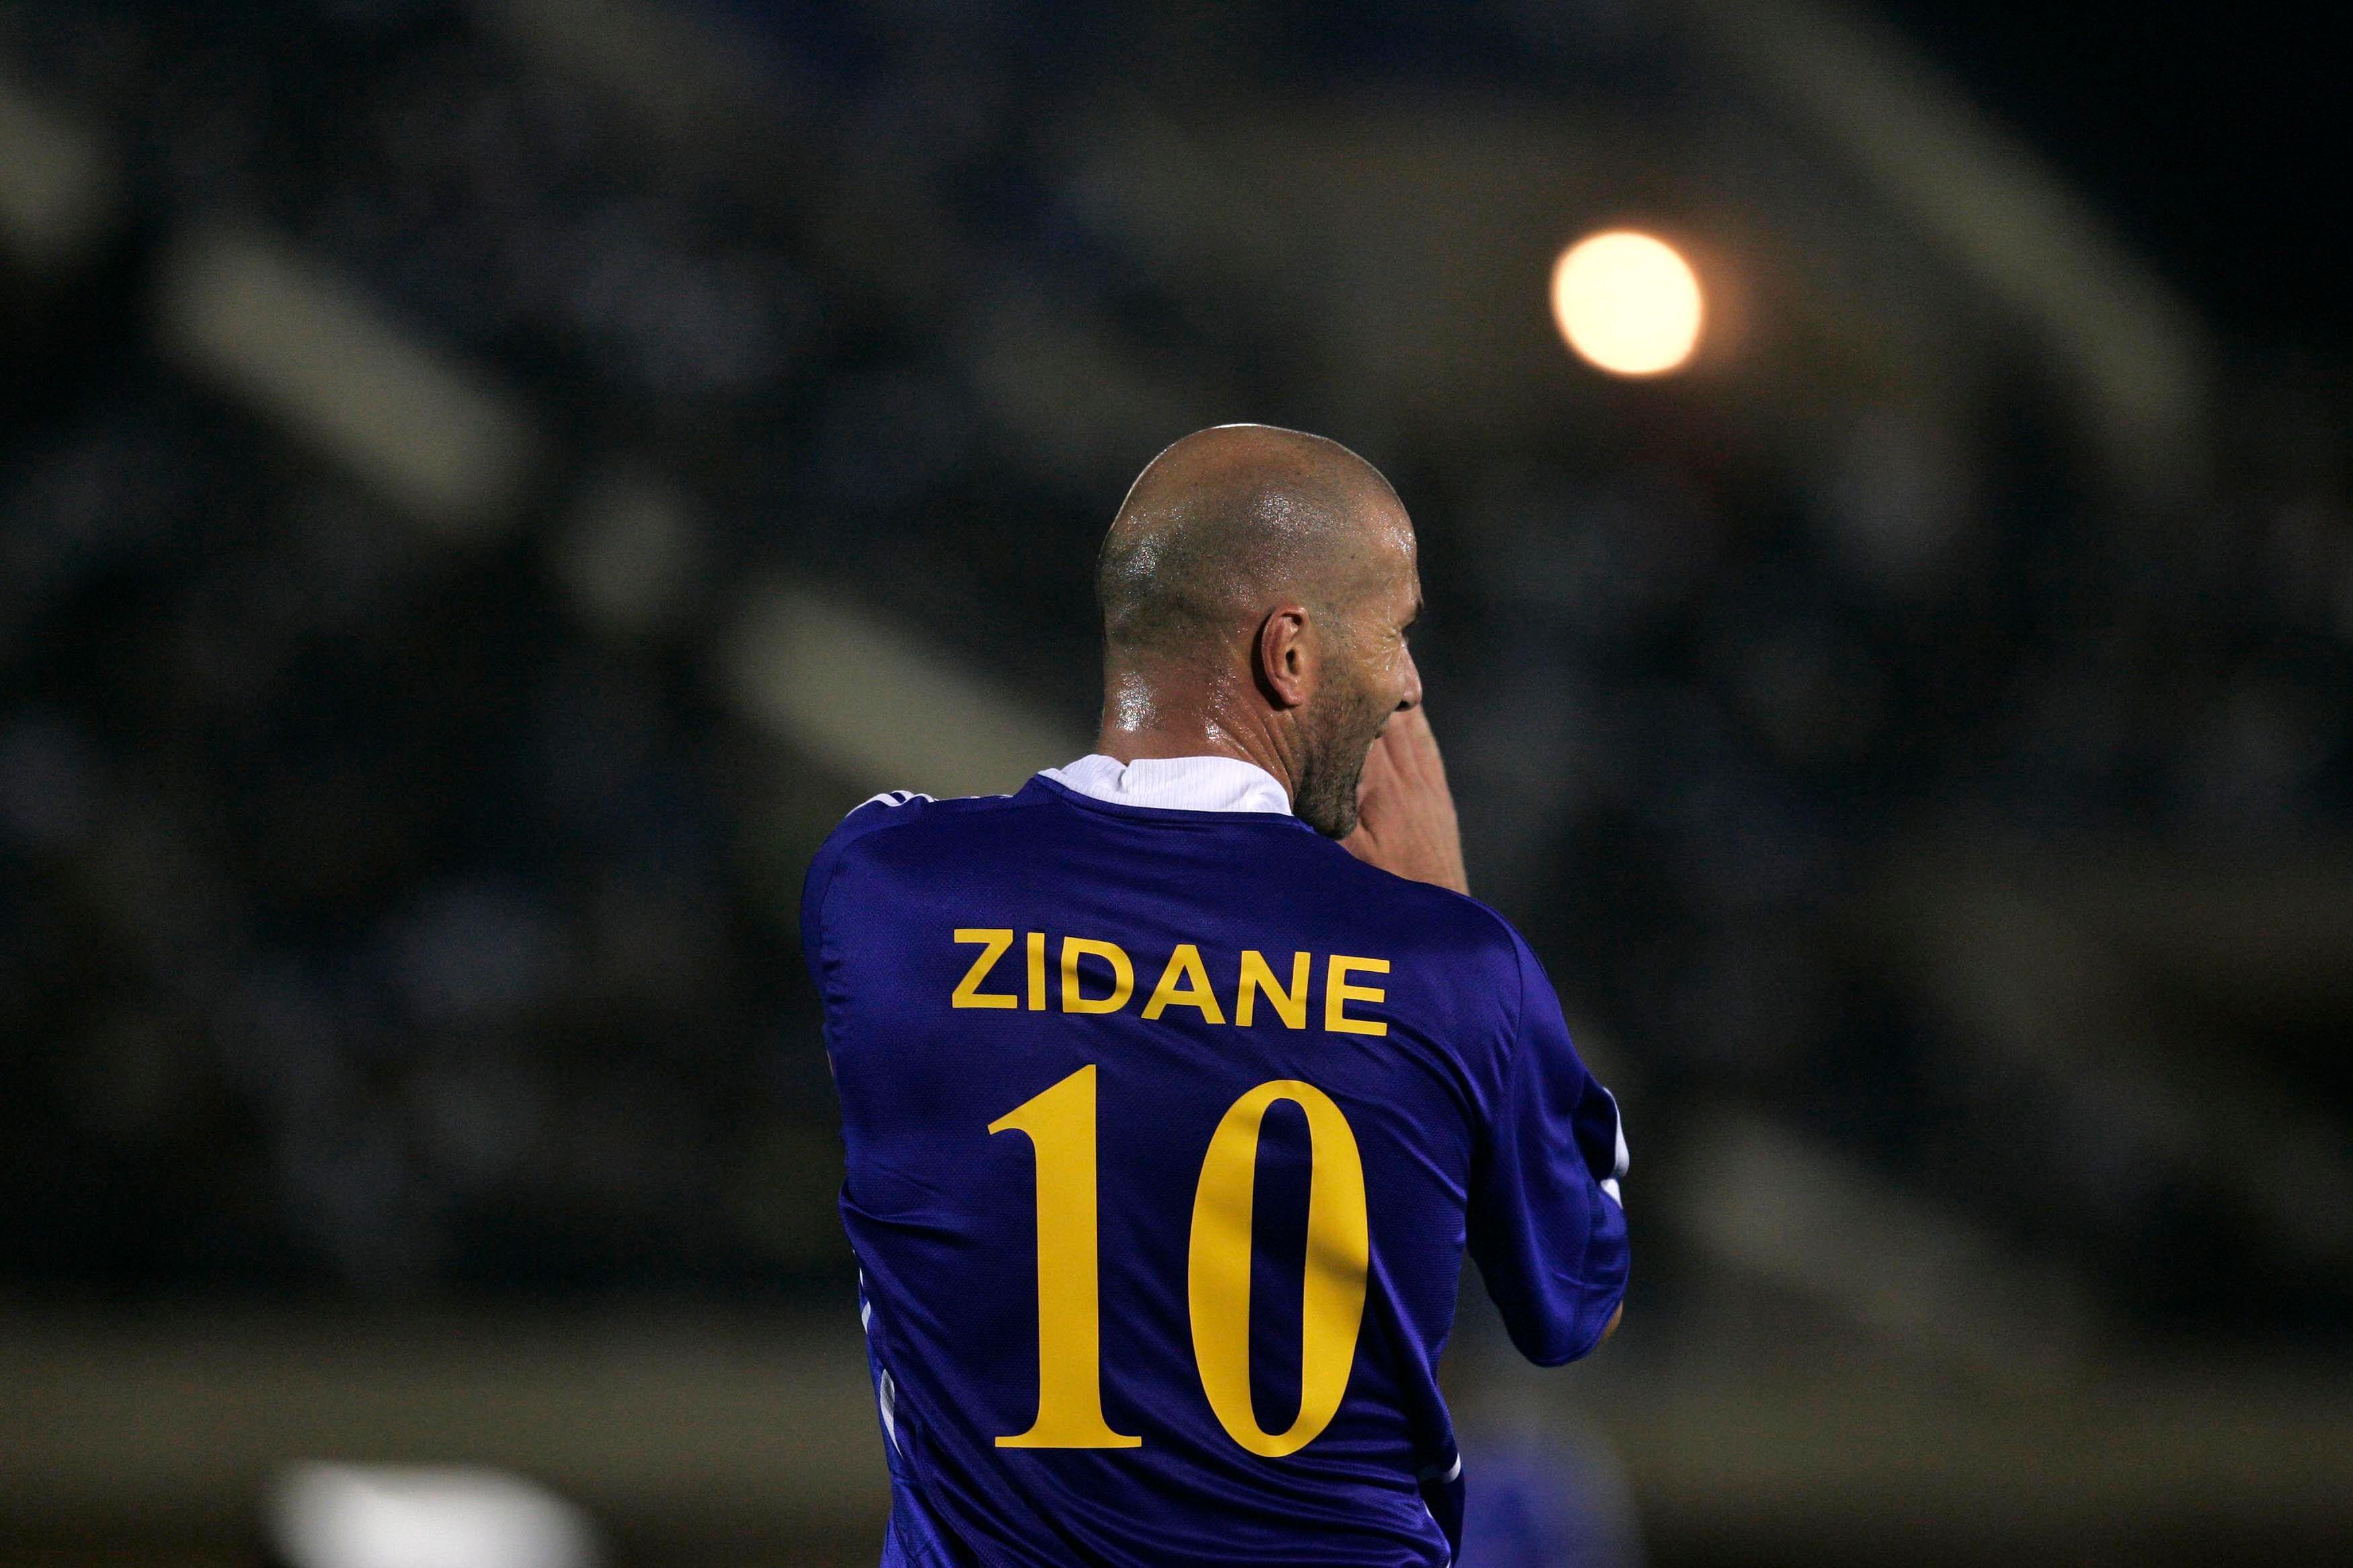 Zinedine Zidane a obtenu son diplôme d'entraîneur, sa carrière de joueur est derrière